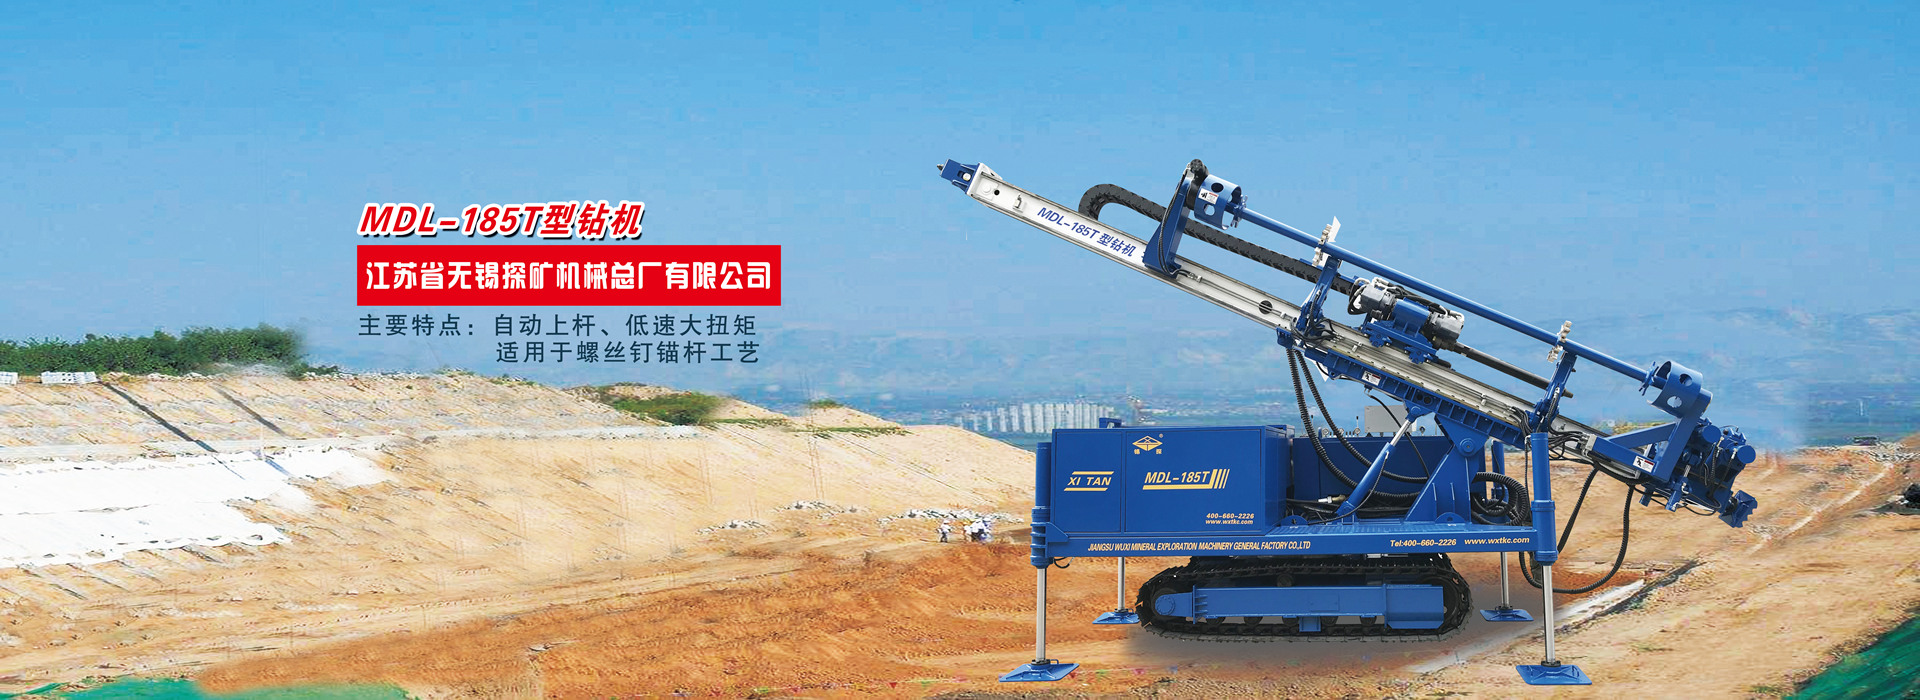 江蘇省無錫探礦機械總廠有限公司